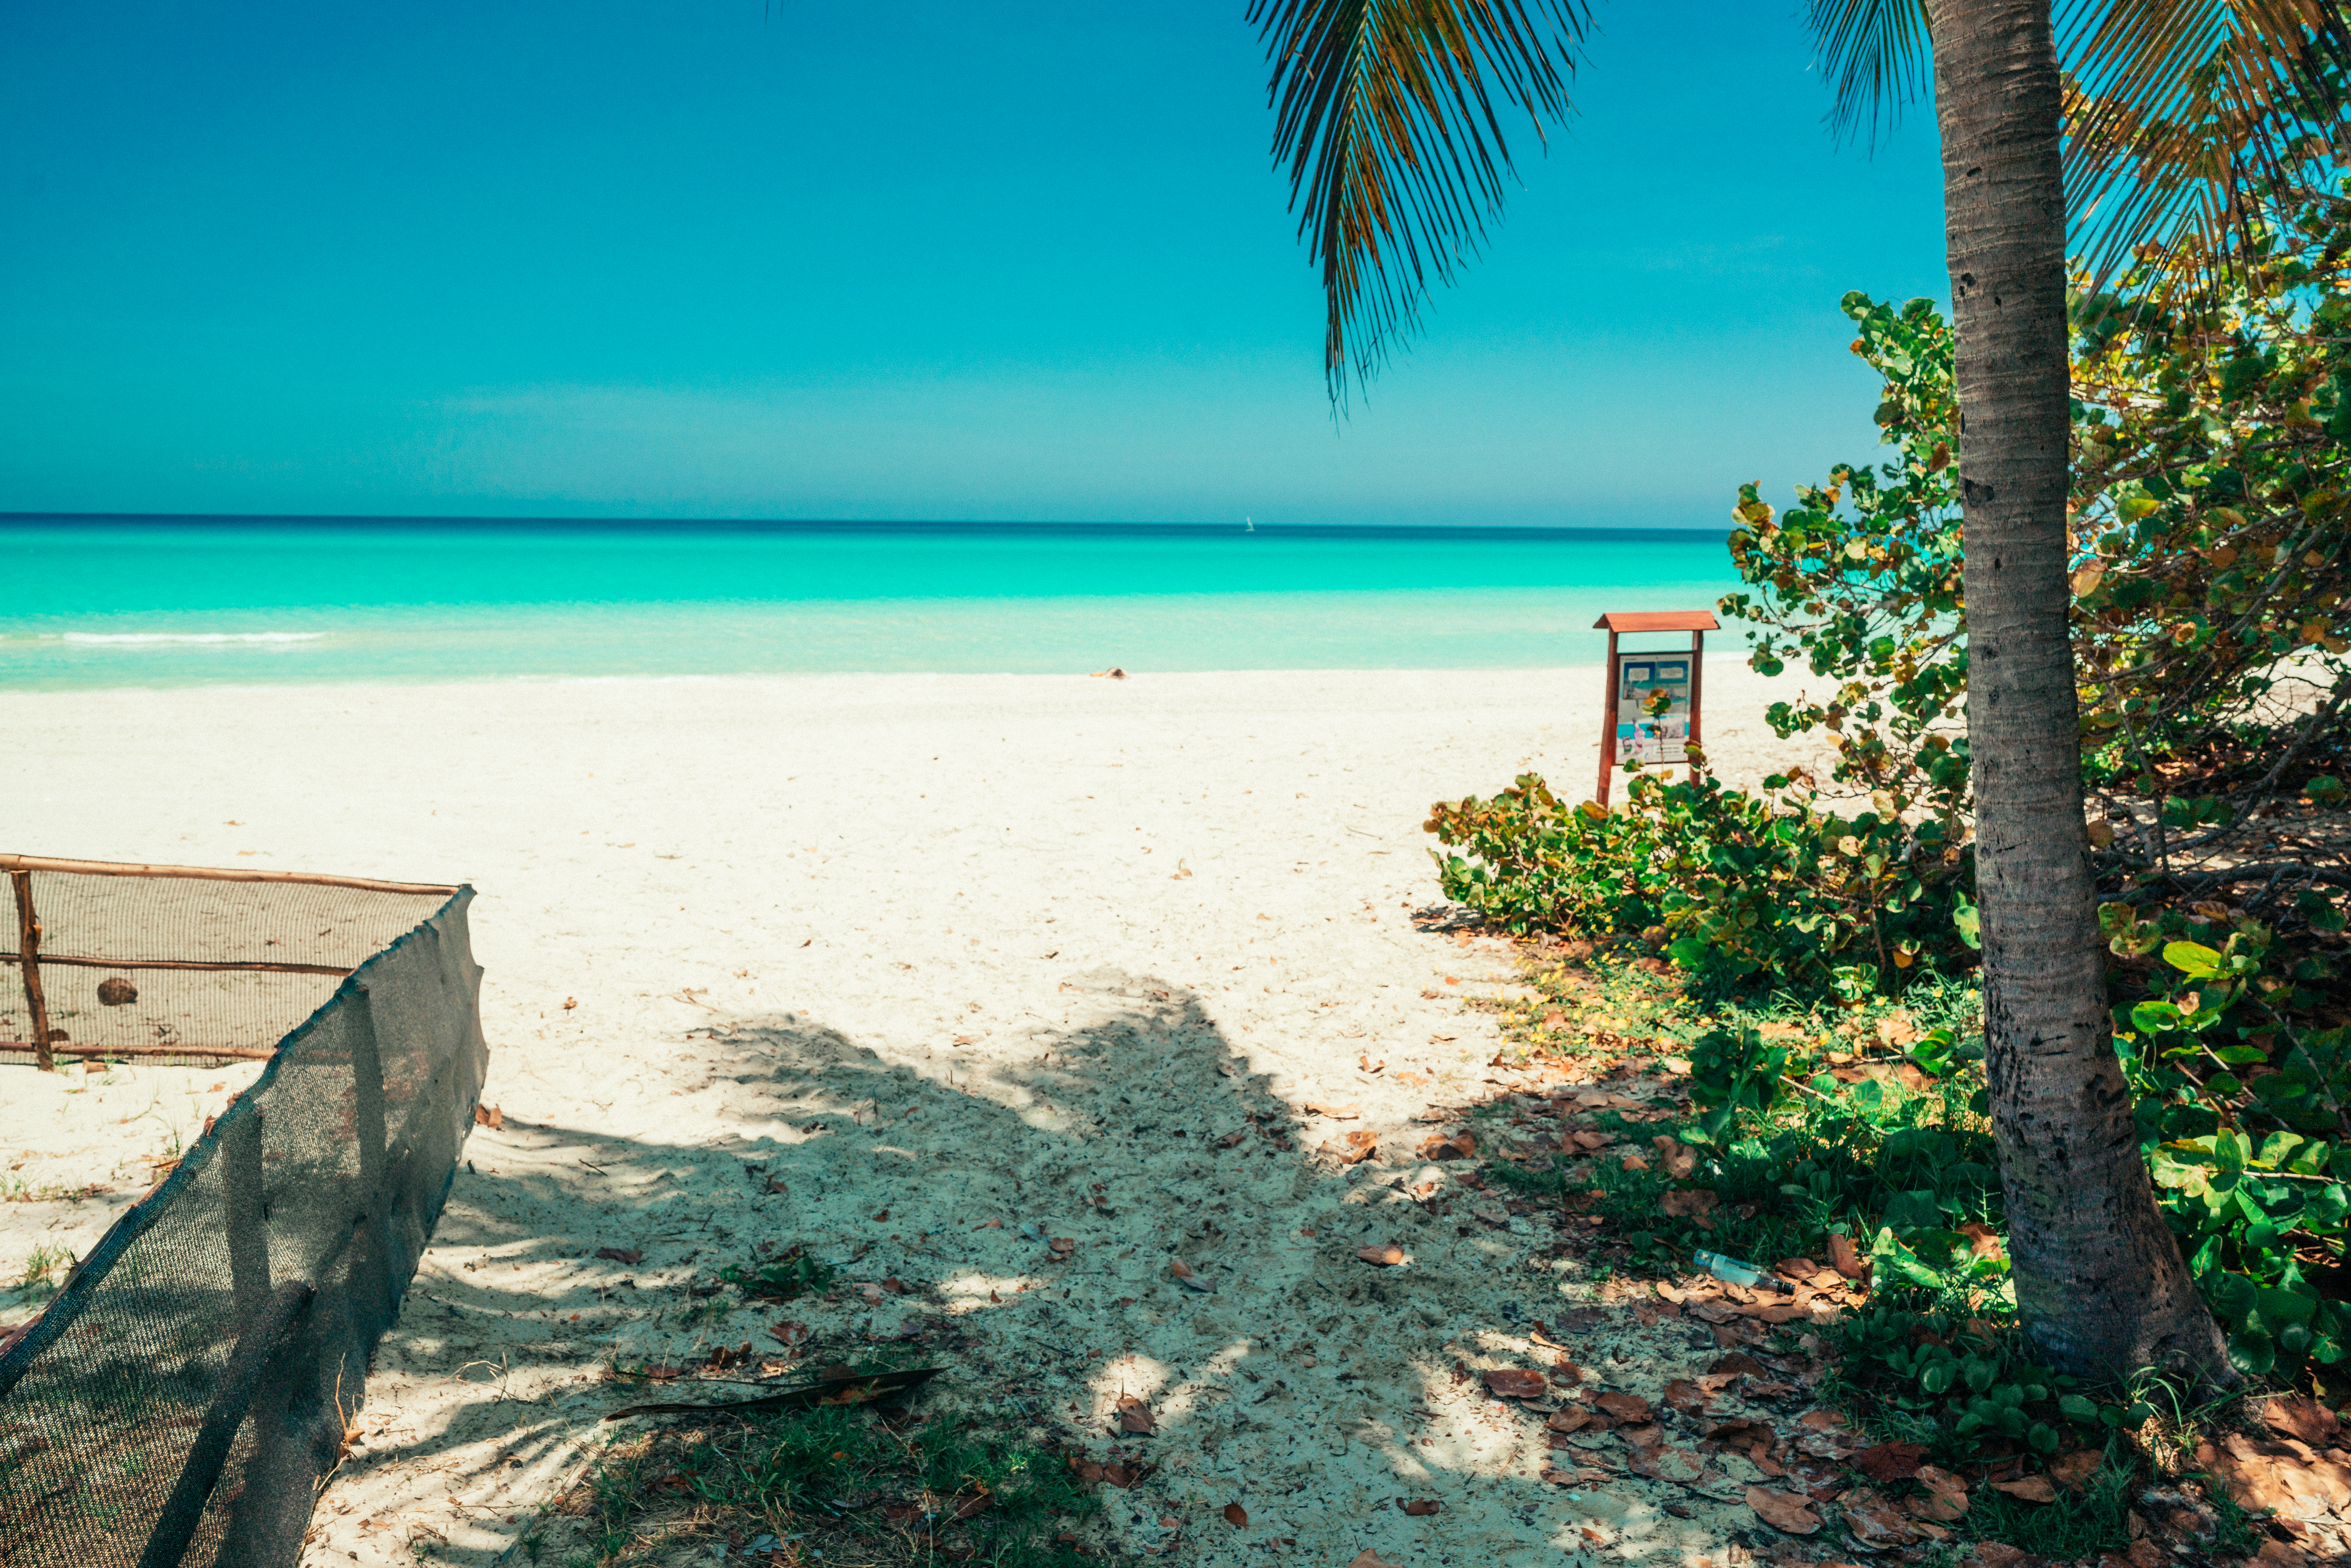 Strand mit türkisblauem Wasser in Playa Ancon, Trinidad